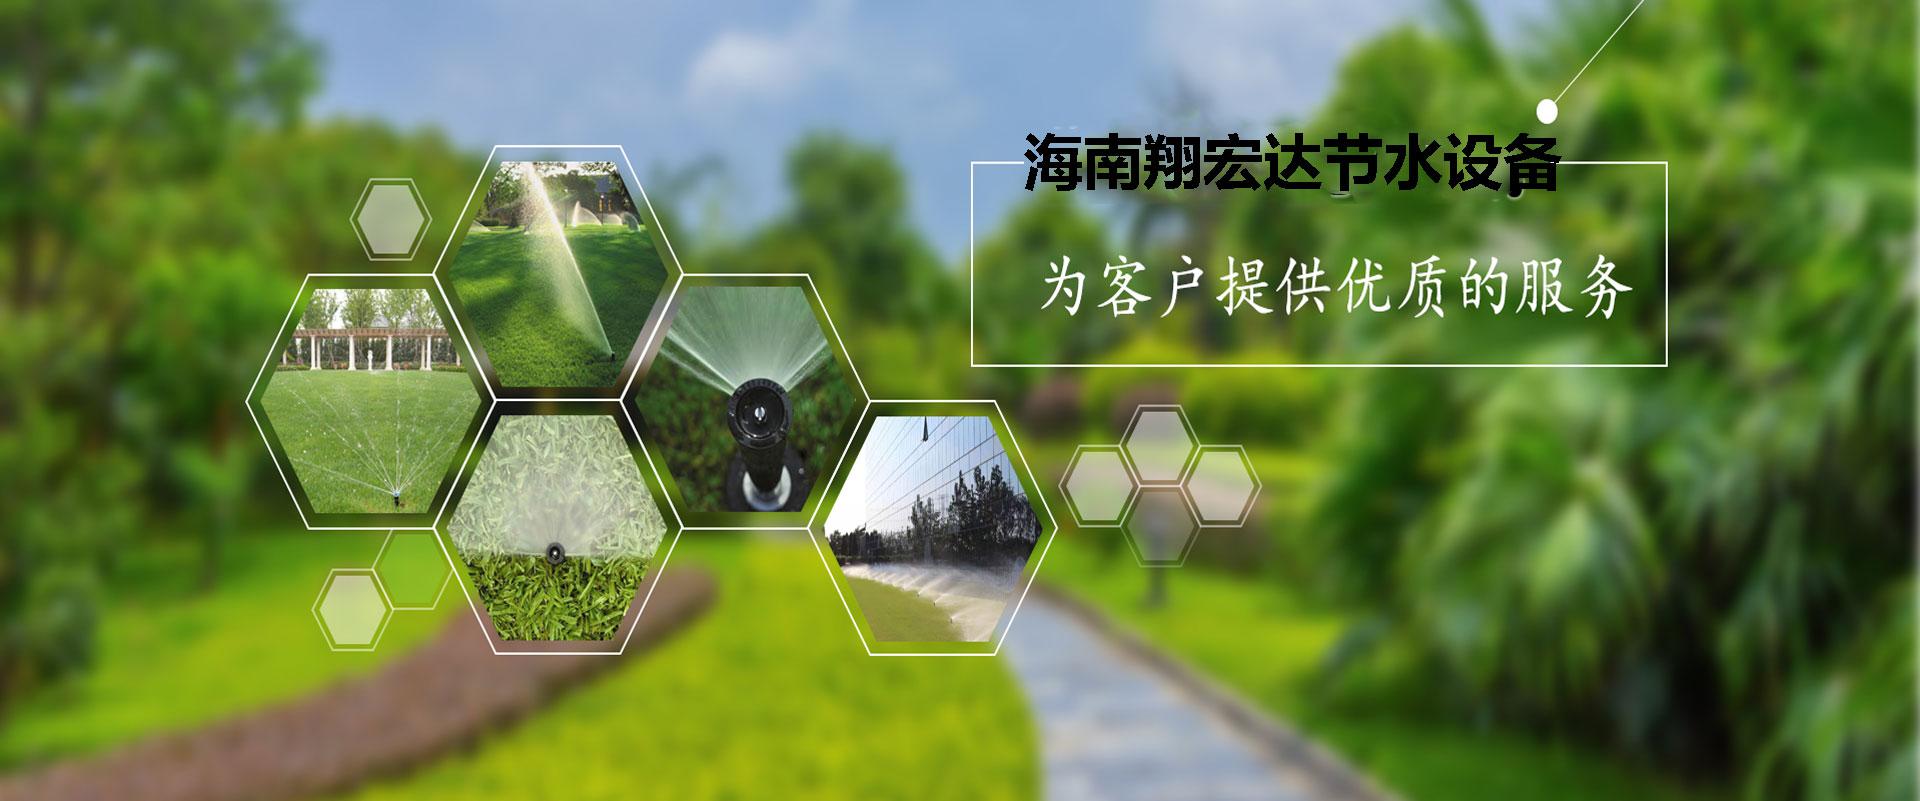 海南农业灌溉